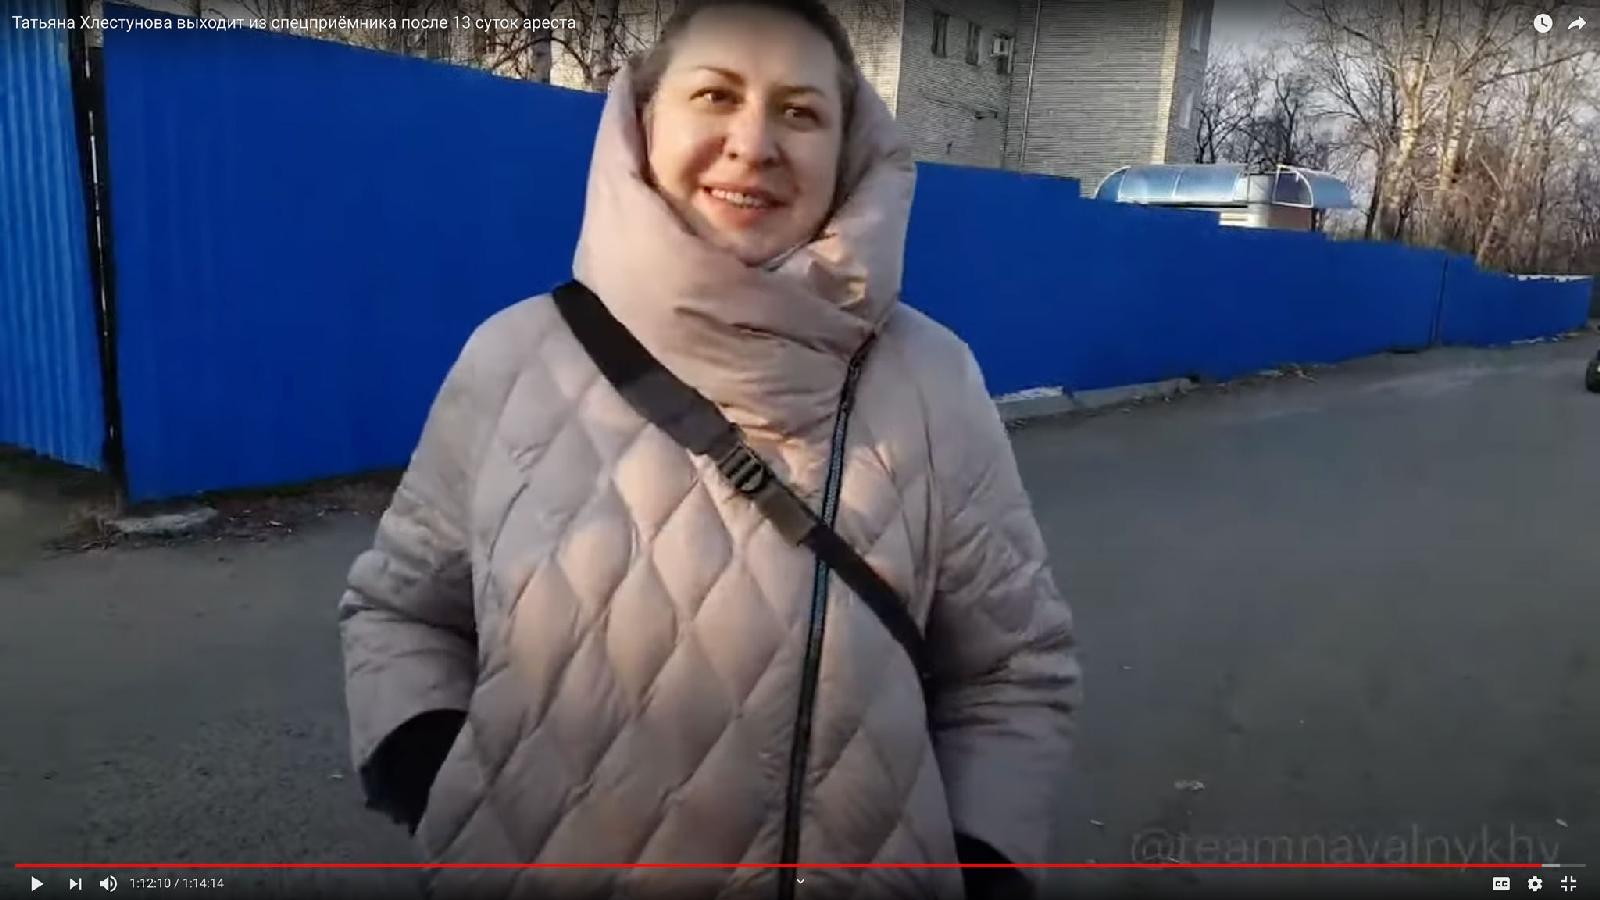 У Татьяны Хлестуновой в полиции осмотрели даже контактные линзы